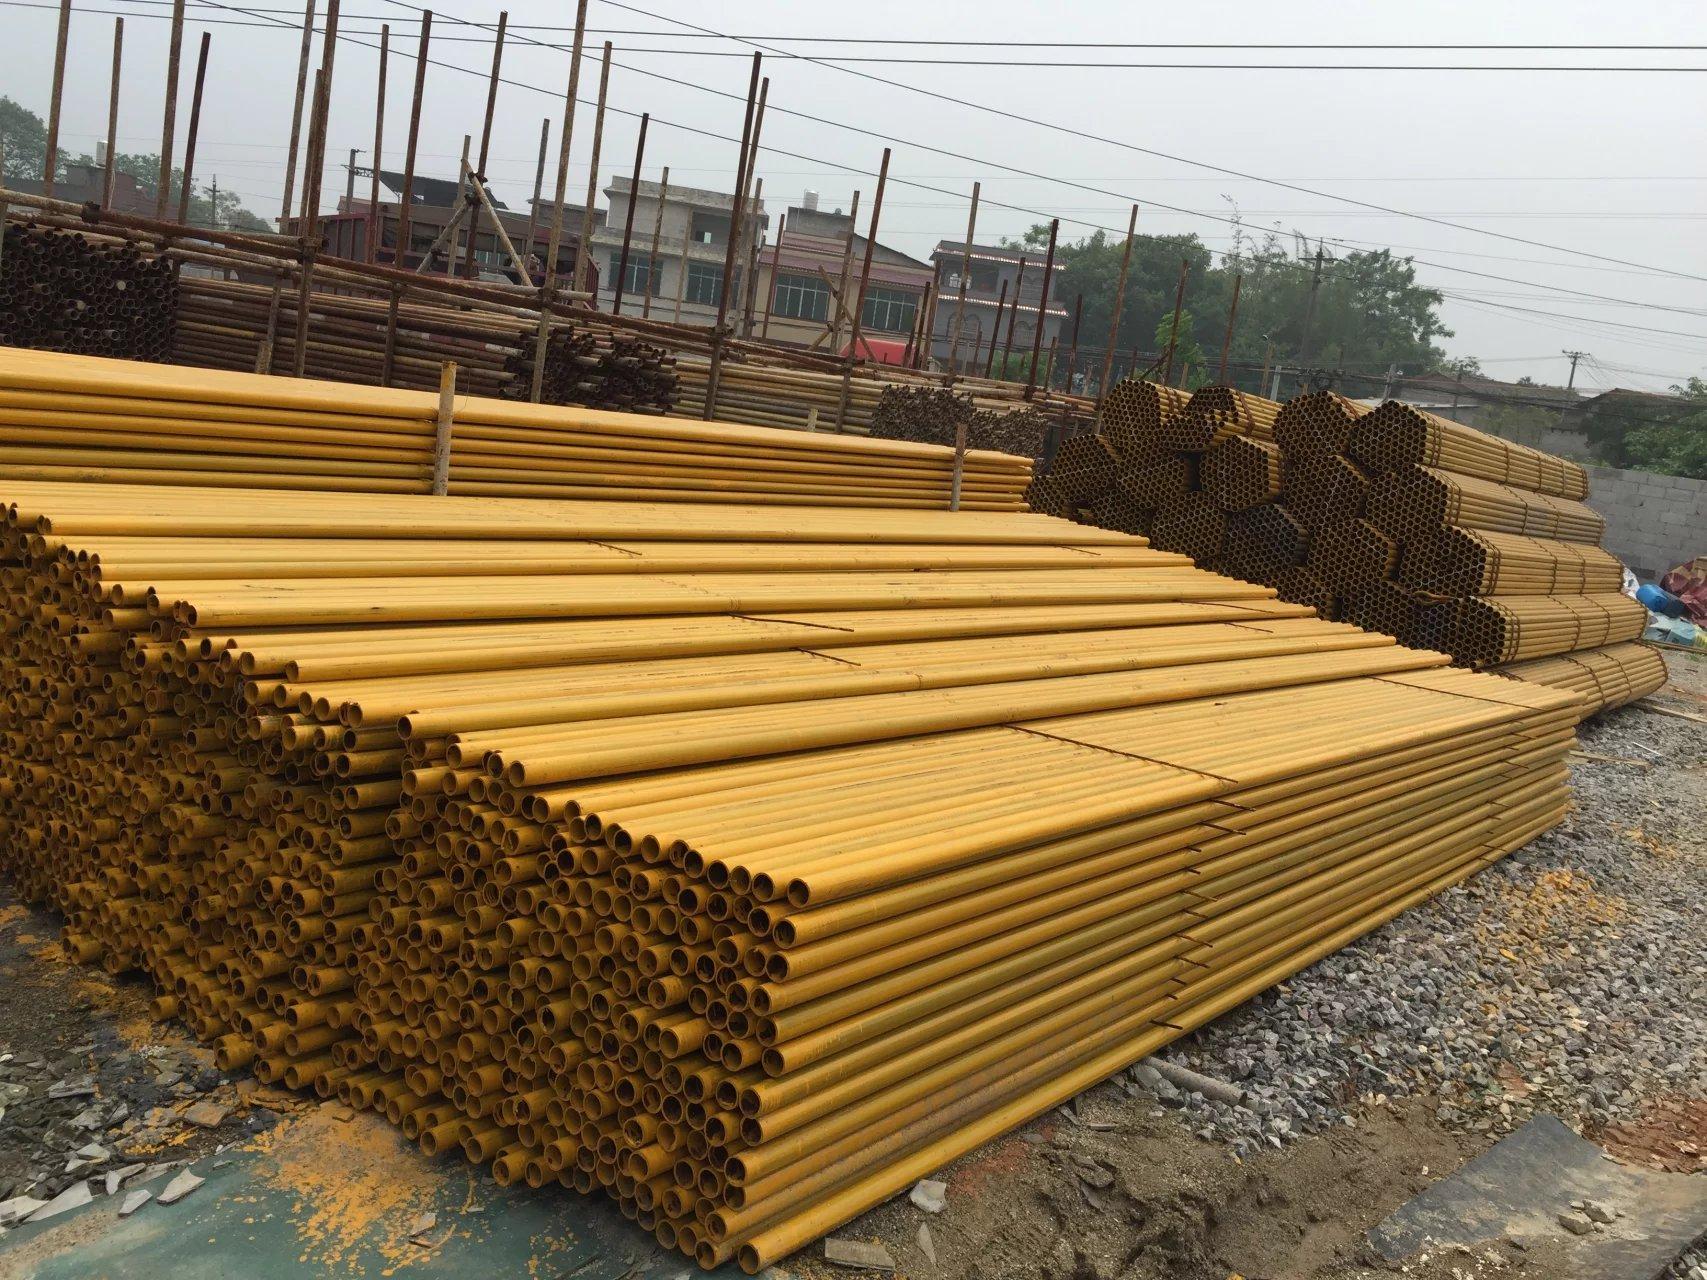 柳州建筑鋼管出租供應 柳州建筑鋼管出租價格-- 柳江縣周工建筑材料租賃服務部